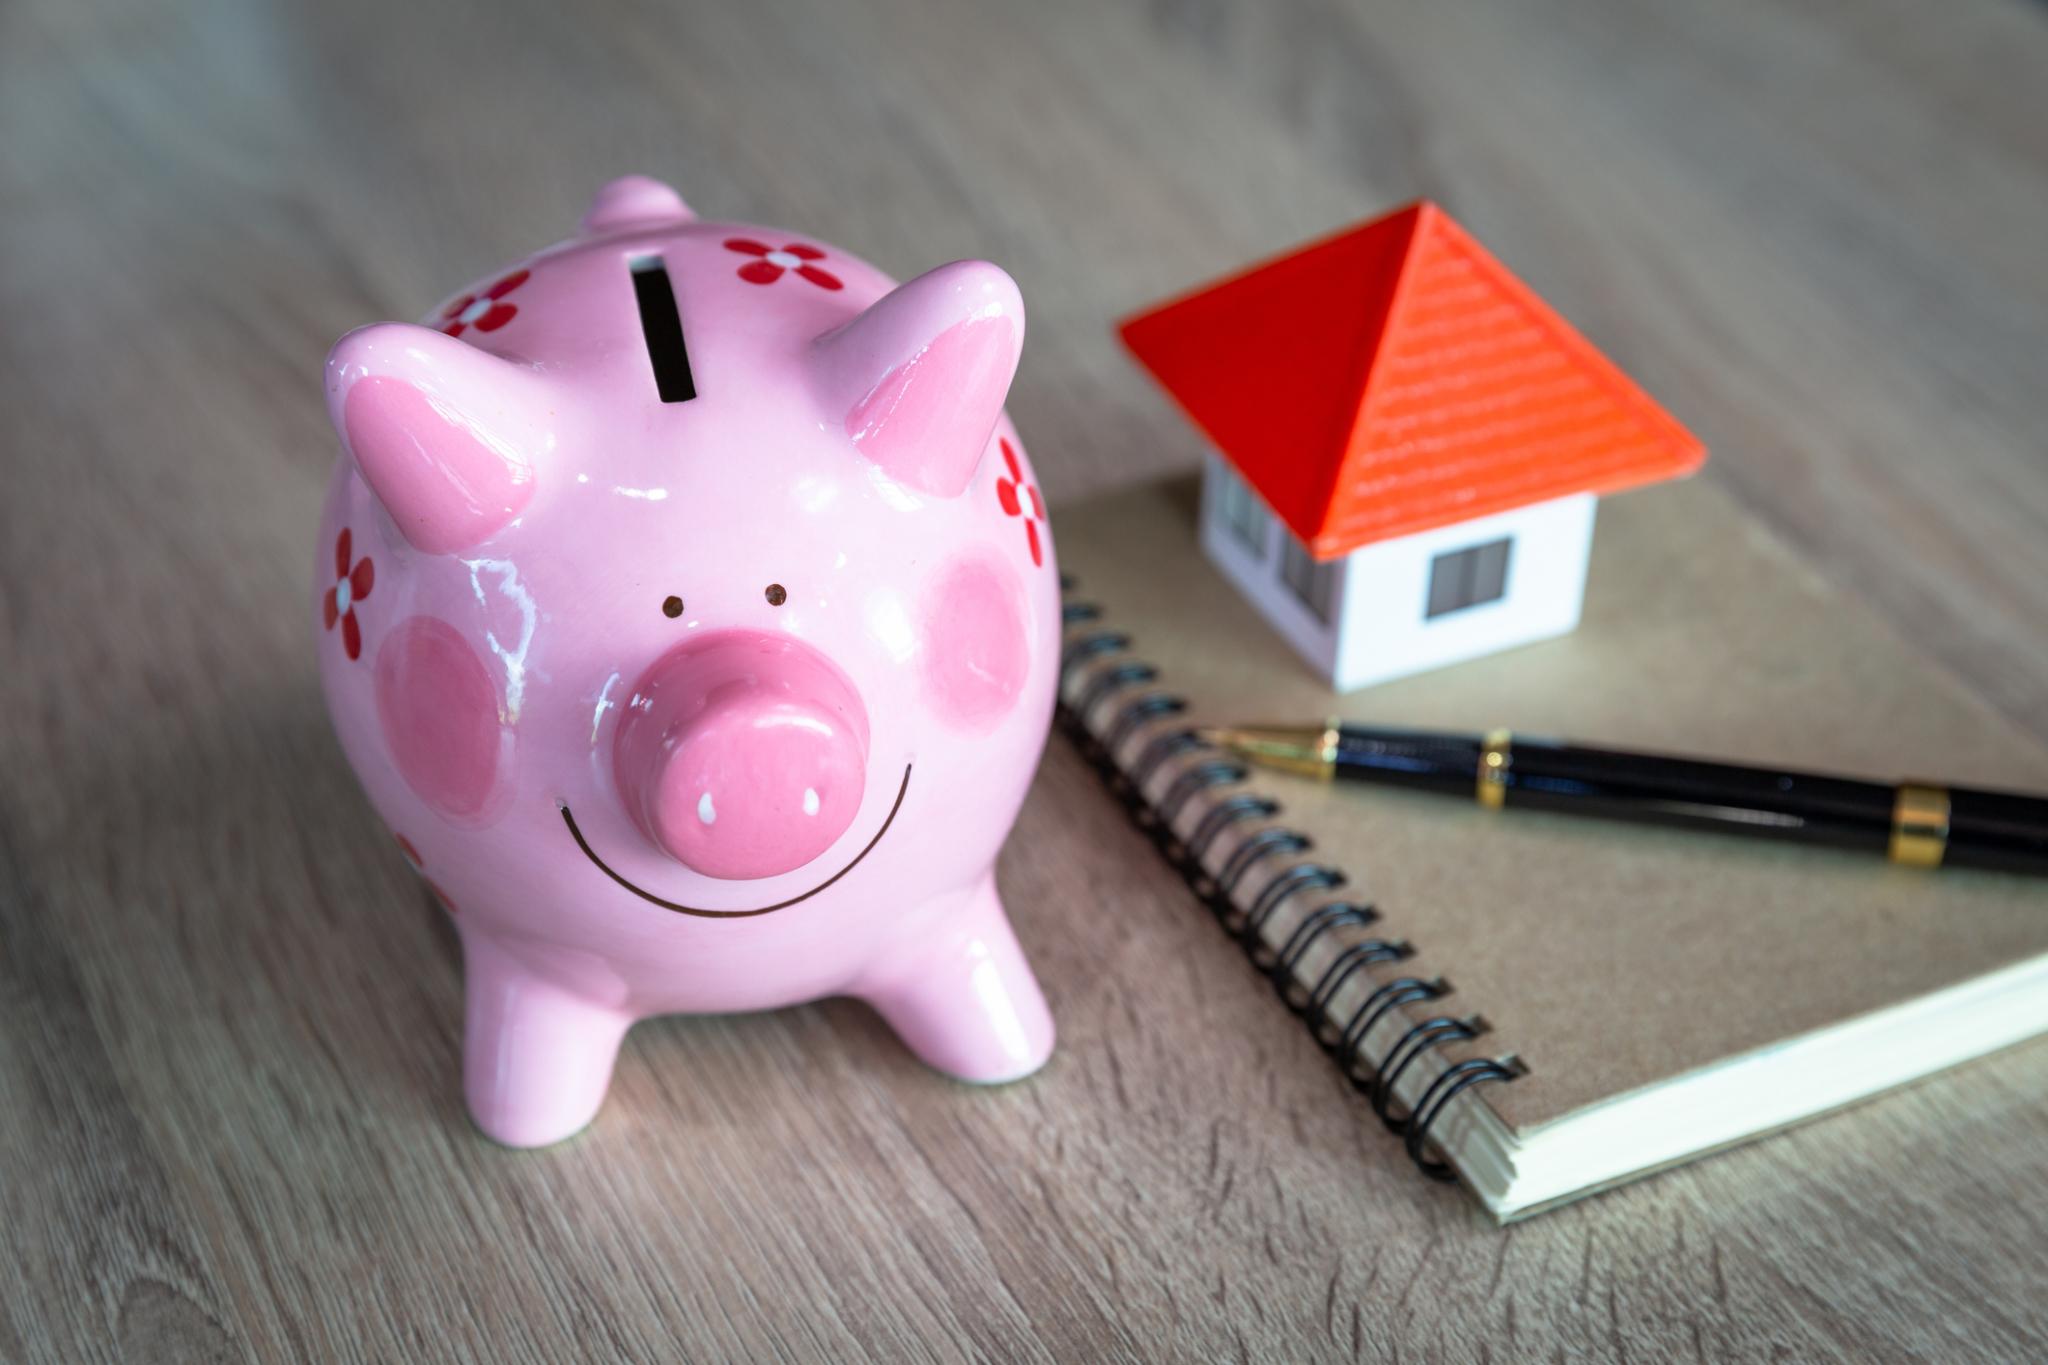 huis inrichten met spaargeld - woningwaarde - oversluiten